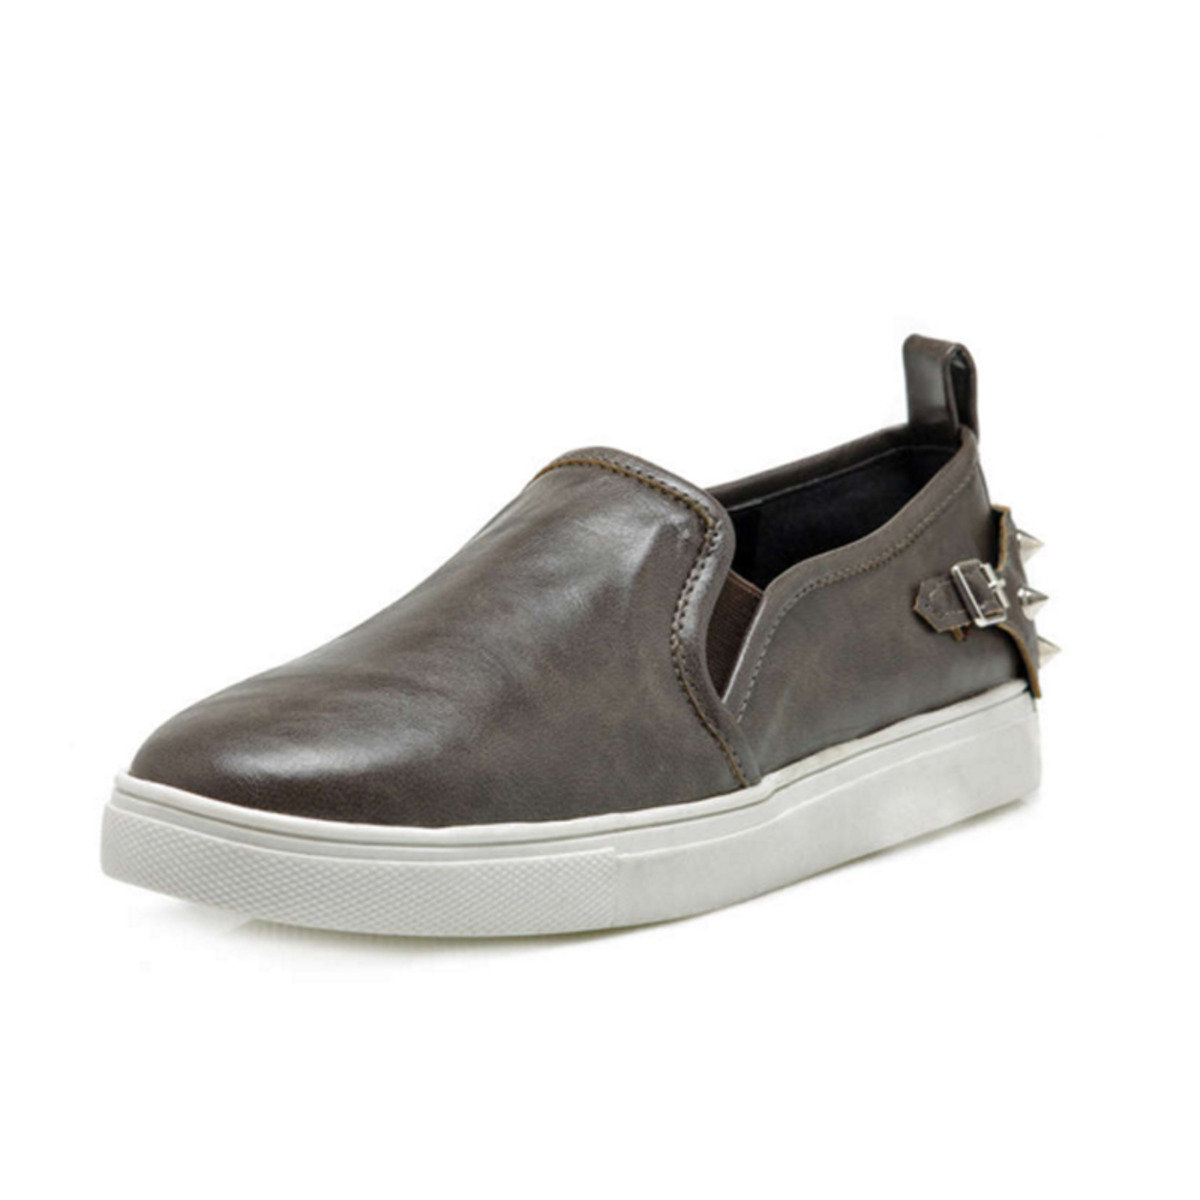 鍋釘輕便鞋